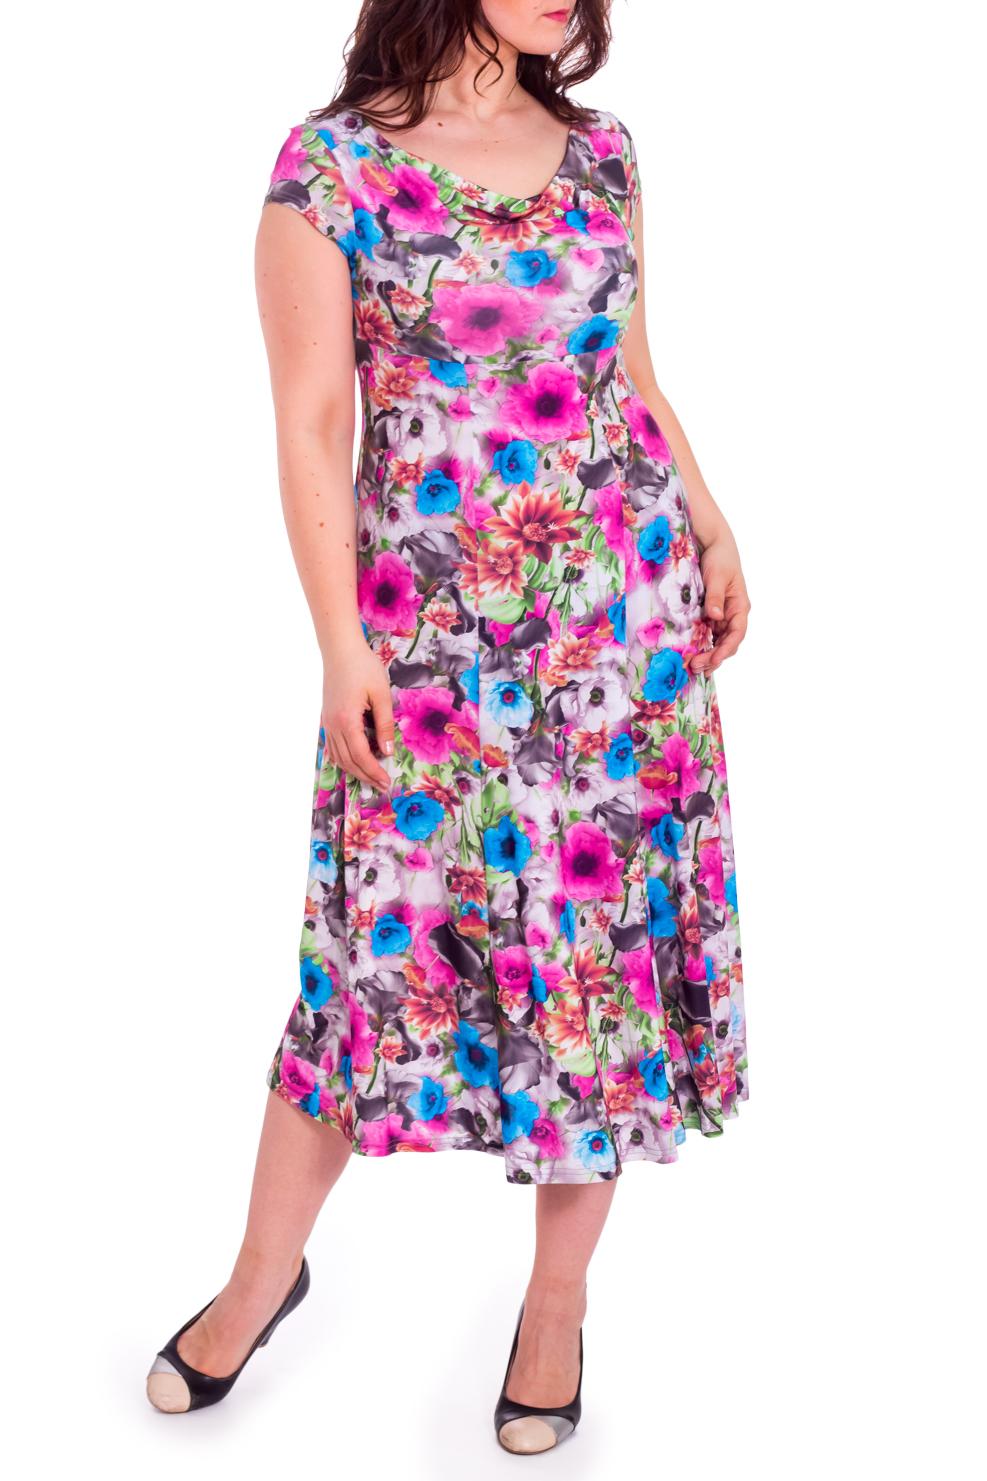 ПлатьеПлатья<br>Яркое платье длиной миди. Модель выполнена из приятного трикотажас цветочным принтом. Платье станет прекрасной составляющей Вашего повседневного гардероба. Ростовка изделия 164 см.  В изделии использованы цвета: розовый, белый и др.  Рост девушки-фотомодели 180 см  Параметры размеров: 42 размер - обхват груди 84 см., обхват талии 66 см., обхват бедер 90 см. 44 размер - обхват груди 88 см., обхват талии 70 см., обхват бедер 94 см. 46 размер - обхват груди 92 см., обхват талии 74 см., обхват бедер 98 см. 48 размер - обхват груди 96 см., обхват талии 78 см., обхват бедер 102 см. 50 размер - обхват груди 100 см., обхват талии 82 см., обхват бедер 106 см. 52 размер - обхват груди 104 см., обхват талии 86 см., обхват бедер 110 см. 54 размер - обхват груди 108 см., обхват талии 92 см., обхват бедер 116 см. 56 размер - обхват груди 112 см., обхват талии 98 см., обхват бедер 122 см. 58 размер - обхват груди 116 см., обхват талии 104 см., обхват бедер 128 см. 60 размер - обхват груди 120 см., обхват талии 110 см., обхват бедер 134 см. 62 размер - обхват груди 124 см., обхват талии 118 см., обхват бедер 140 см. 64 размер - обхват груди 128 см., обхват талии 126 см., обхват бедер 146 см. 66 размер - обхват груди 132 см., обхват талии 132 см., обхват бедер 152 см. 68 размер - обхват груди 138 см., обхват талии 140 см., обхват бедер 158 см.<br><br>Горловина: Качель<br>По длине: Миди,Ниже колена<br>По материалу: Трикотаж<br>По рисунку: Растительные мотивы,С принтом,Цветные,Цветочные<br>По силуэту: Приталенные<br>По стилю: Летний стиль,Повседневный стиль<br>По форме: Платье - трапеция<br>Рукав: Короткий рукав<br>По сезону: Лето<br>Размер : 46,48,50,52,56<br>Материал: Холодное масло<br>Количество в наличии: 5